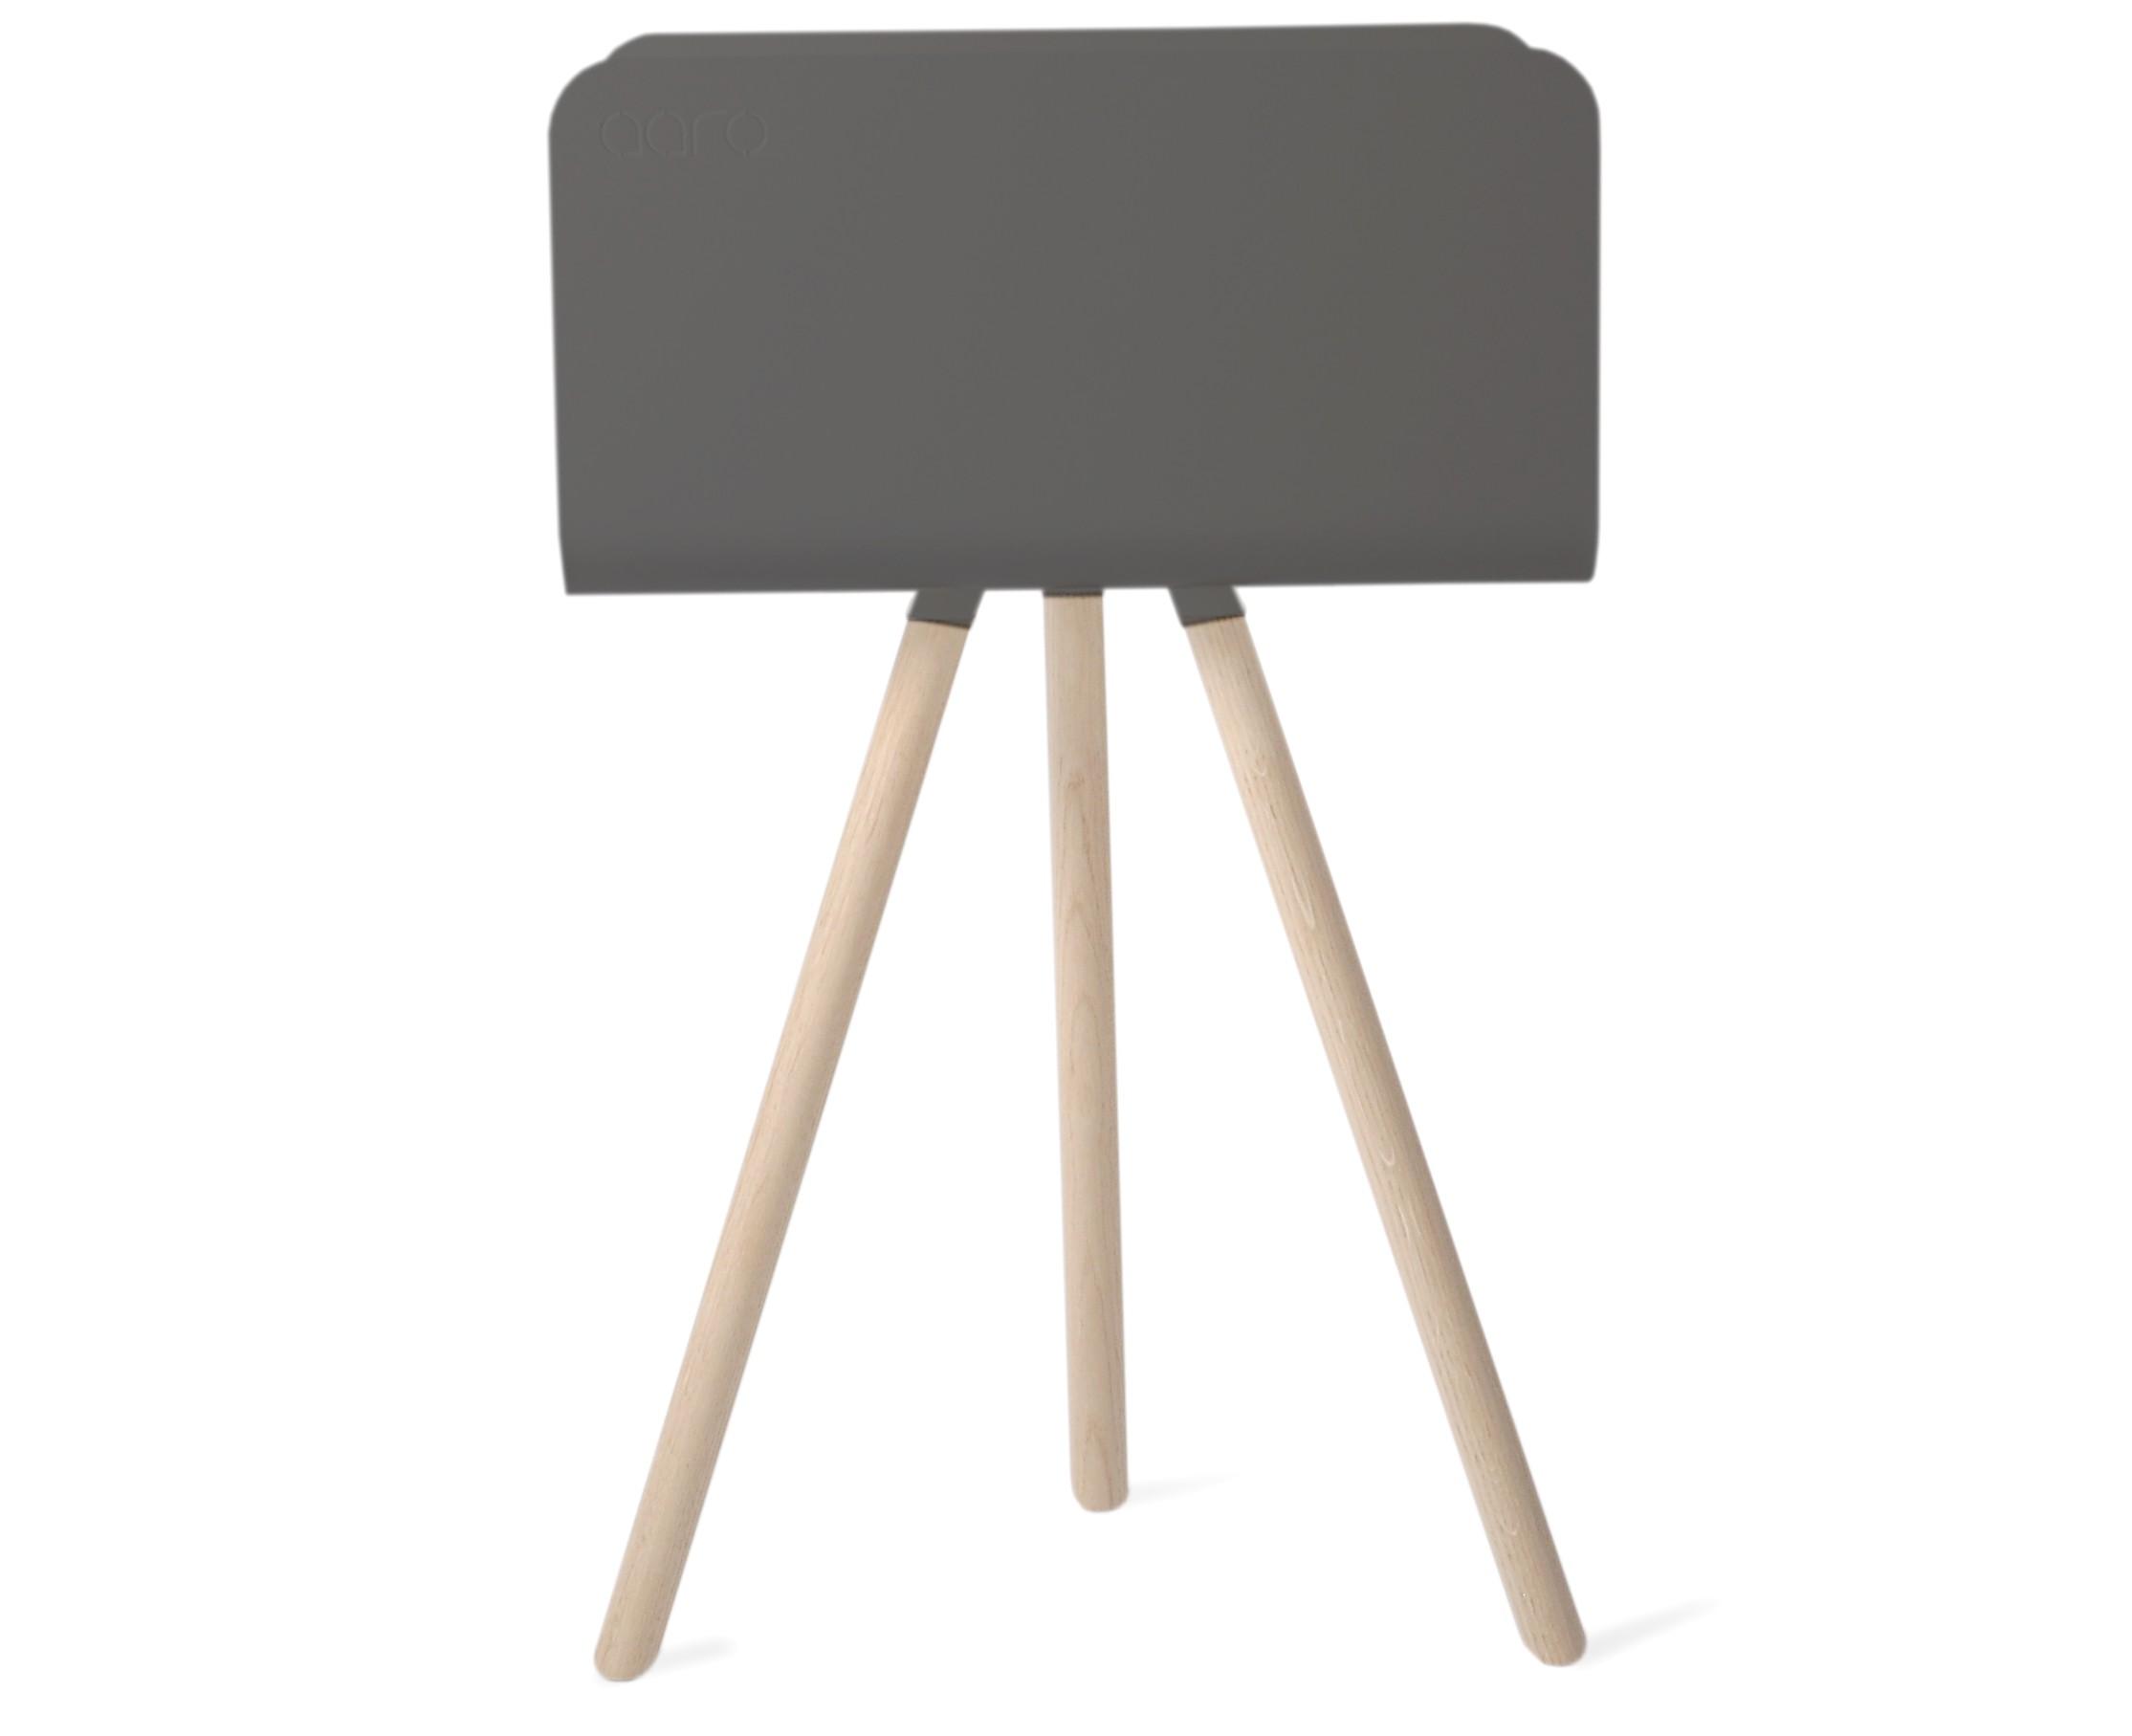 stummer diener tri mit bein schwarz esche storage furniture tri mit bein black ash. Black Bedroom Furniture Sets. Home Design Ideas